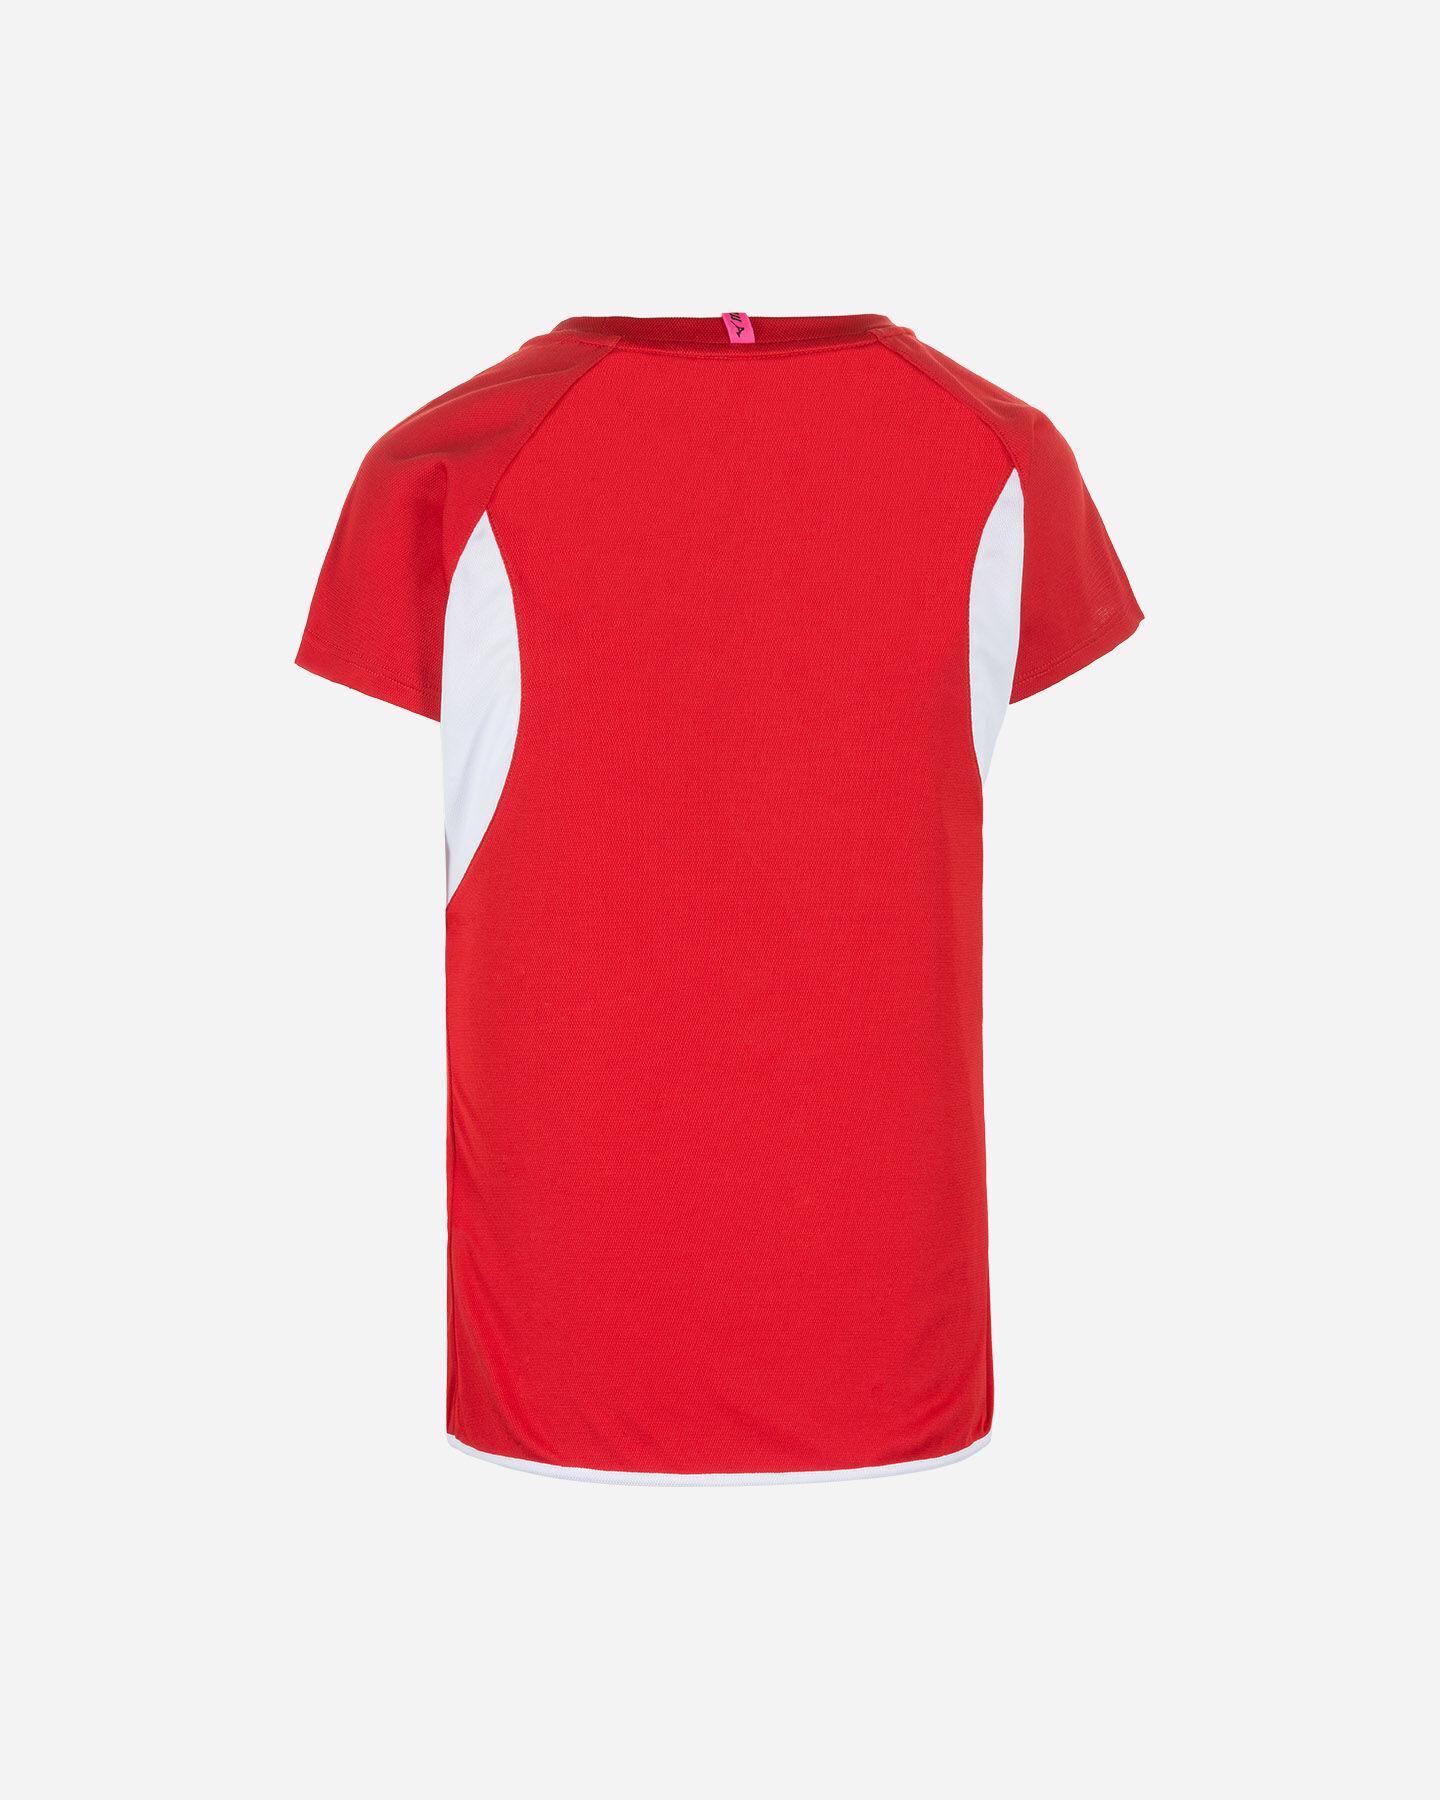 T-Shirt running MIZUNO RUN AUTHENTIC W S5191566 scatto 1